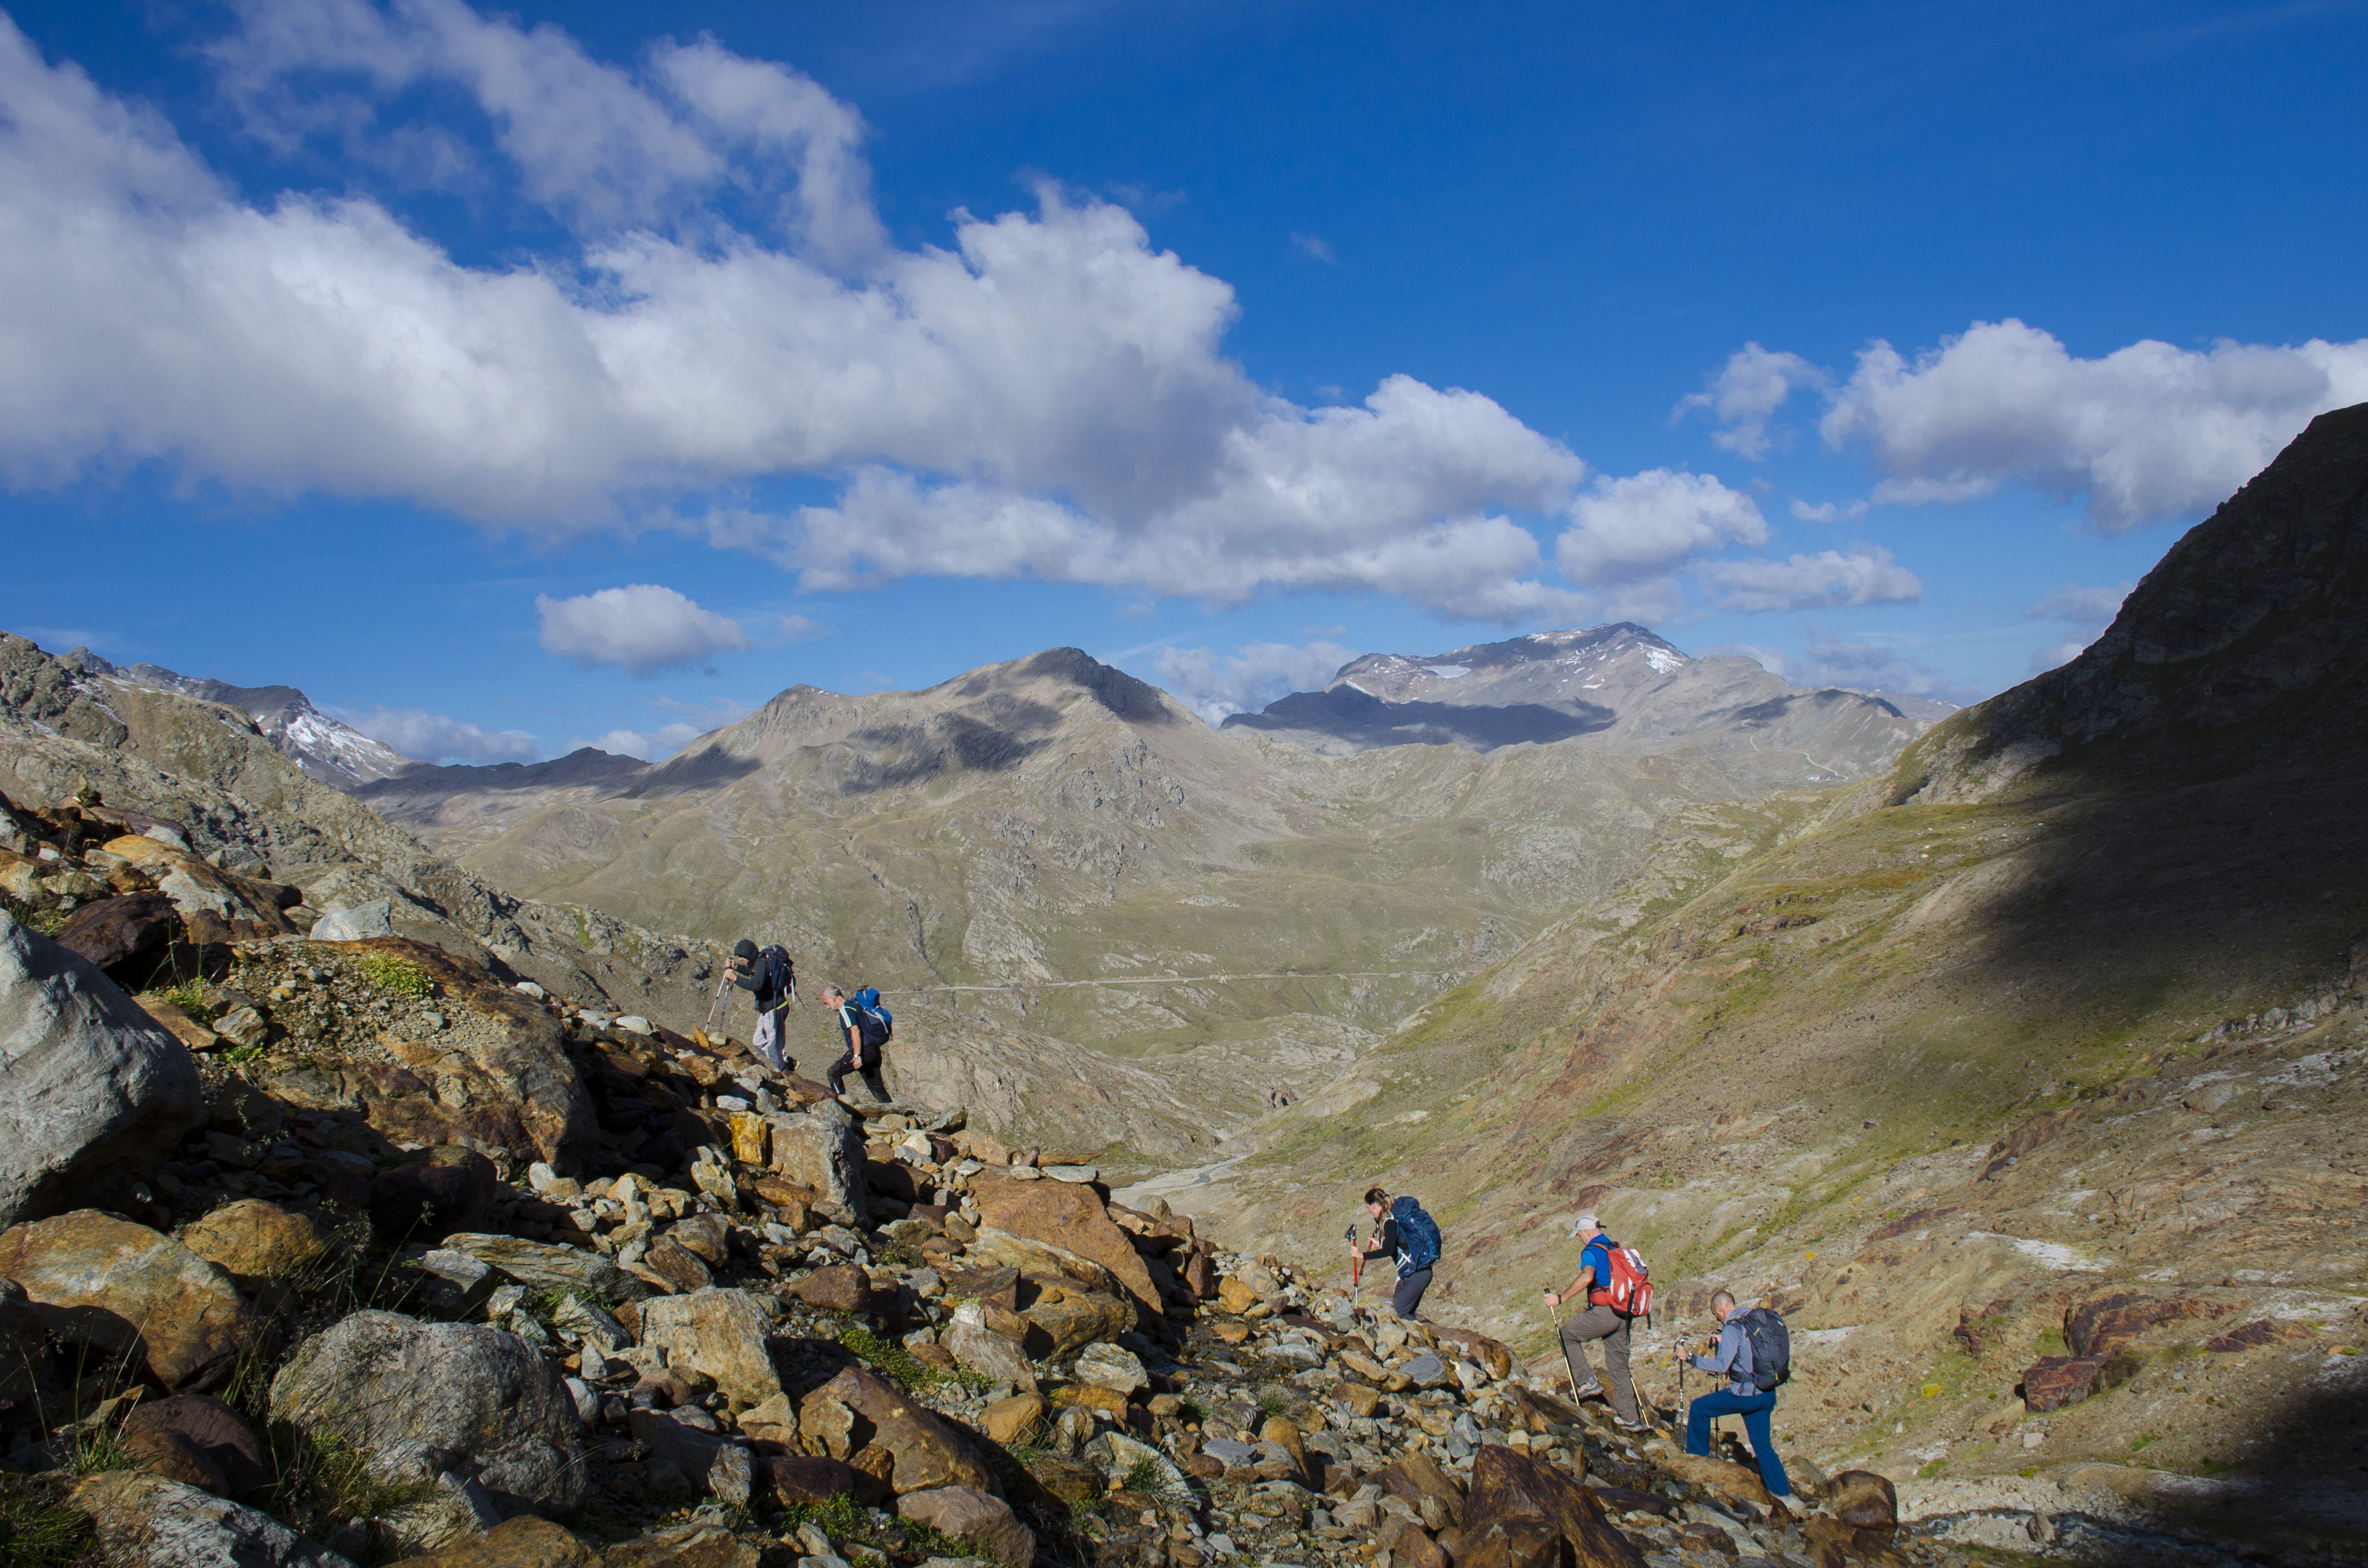 La montagna si rilegge, convegno a Bormio